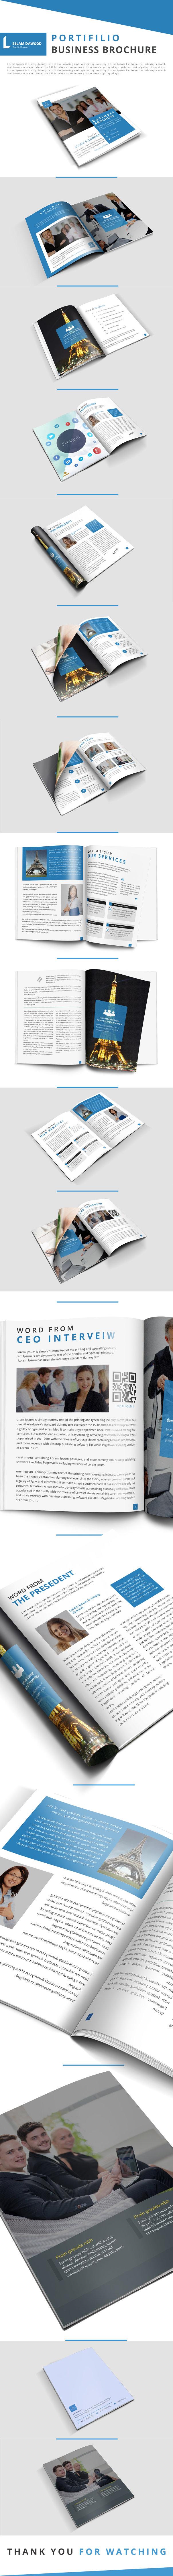 تصميم مجلة A4 باستخدام الفوتوشوب